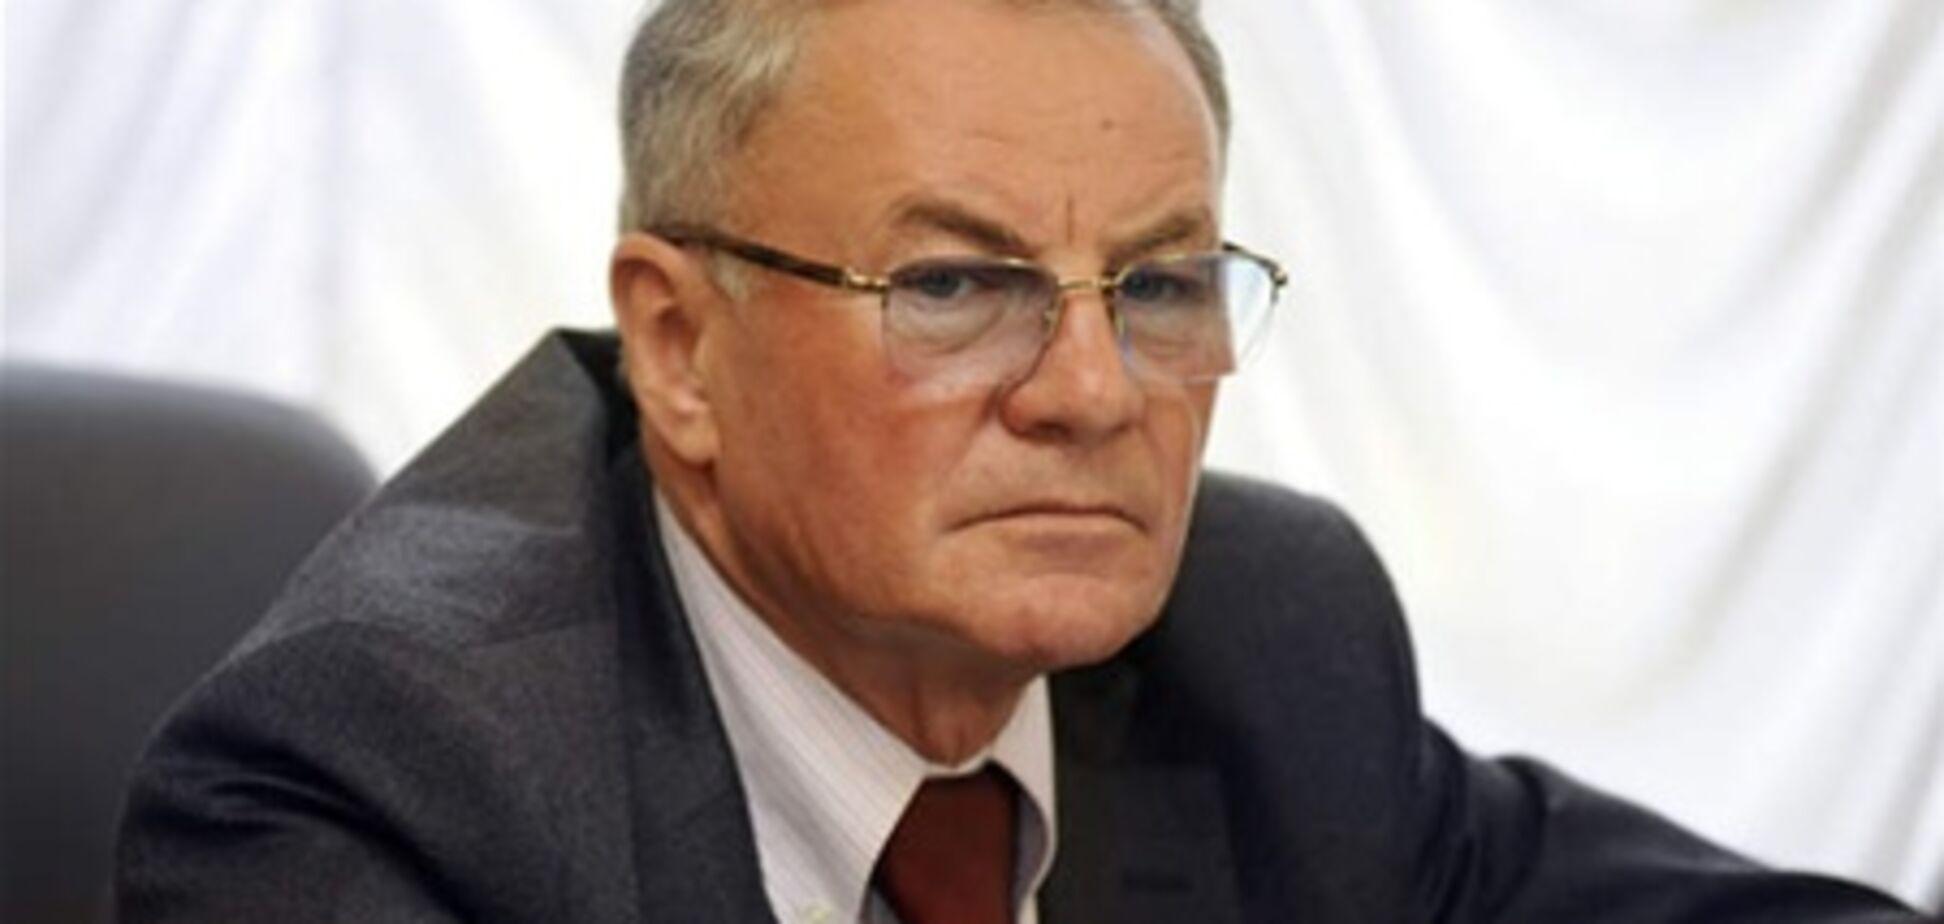 Яворівський: Янукович не зможе звільнити Табачника